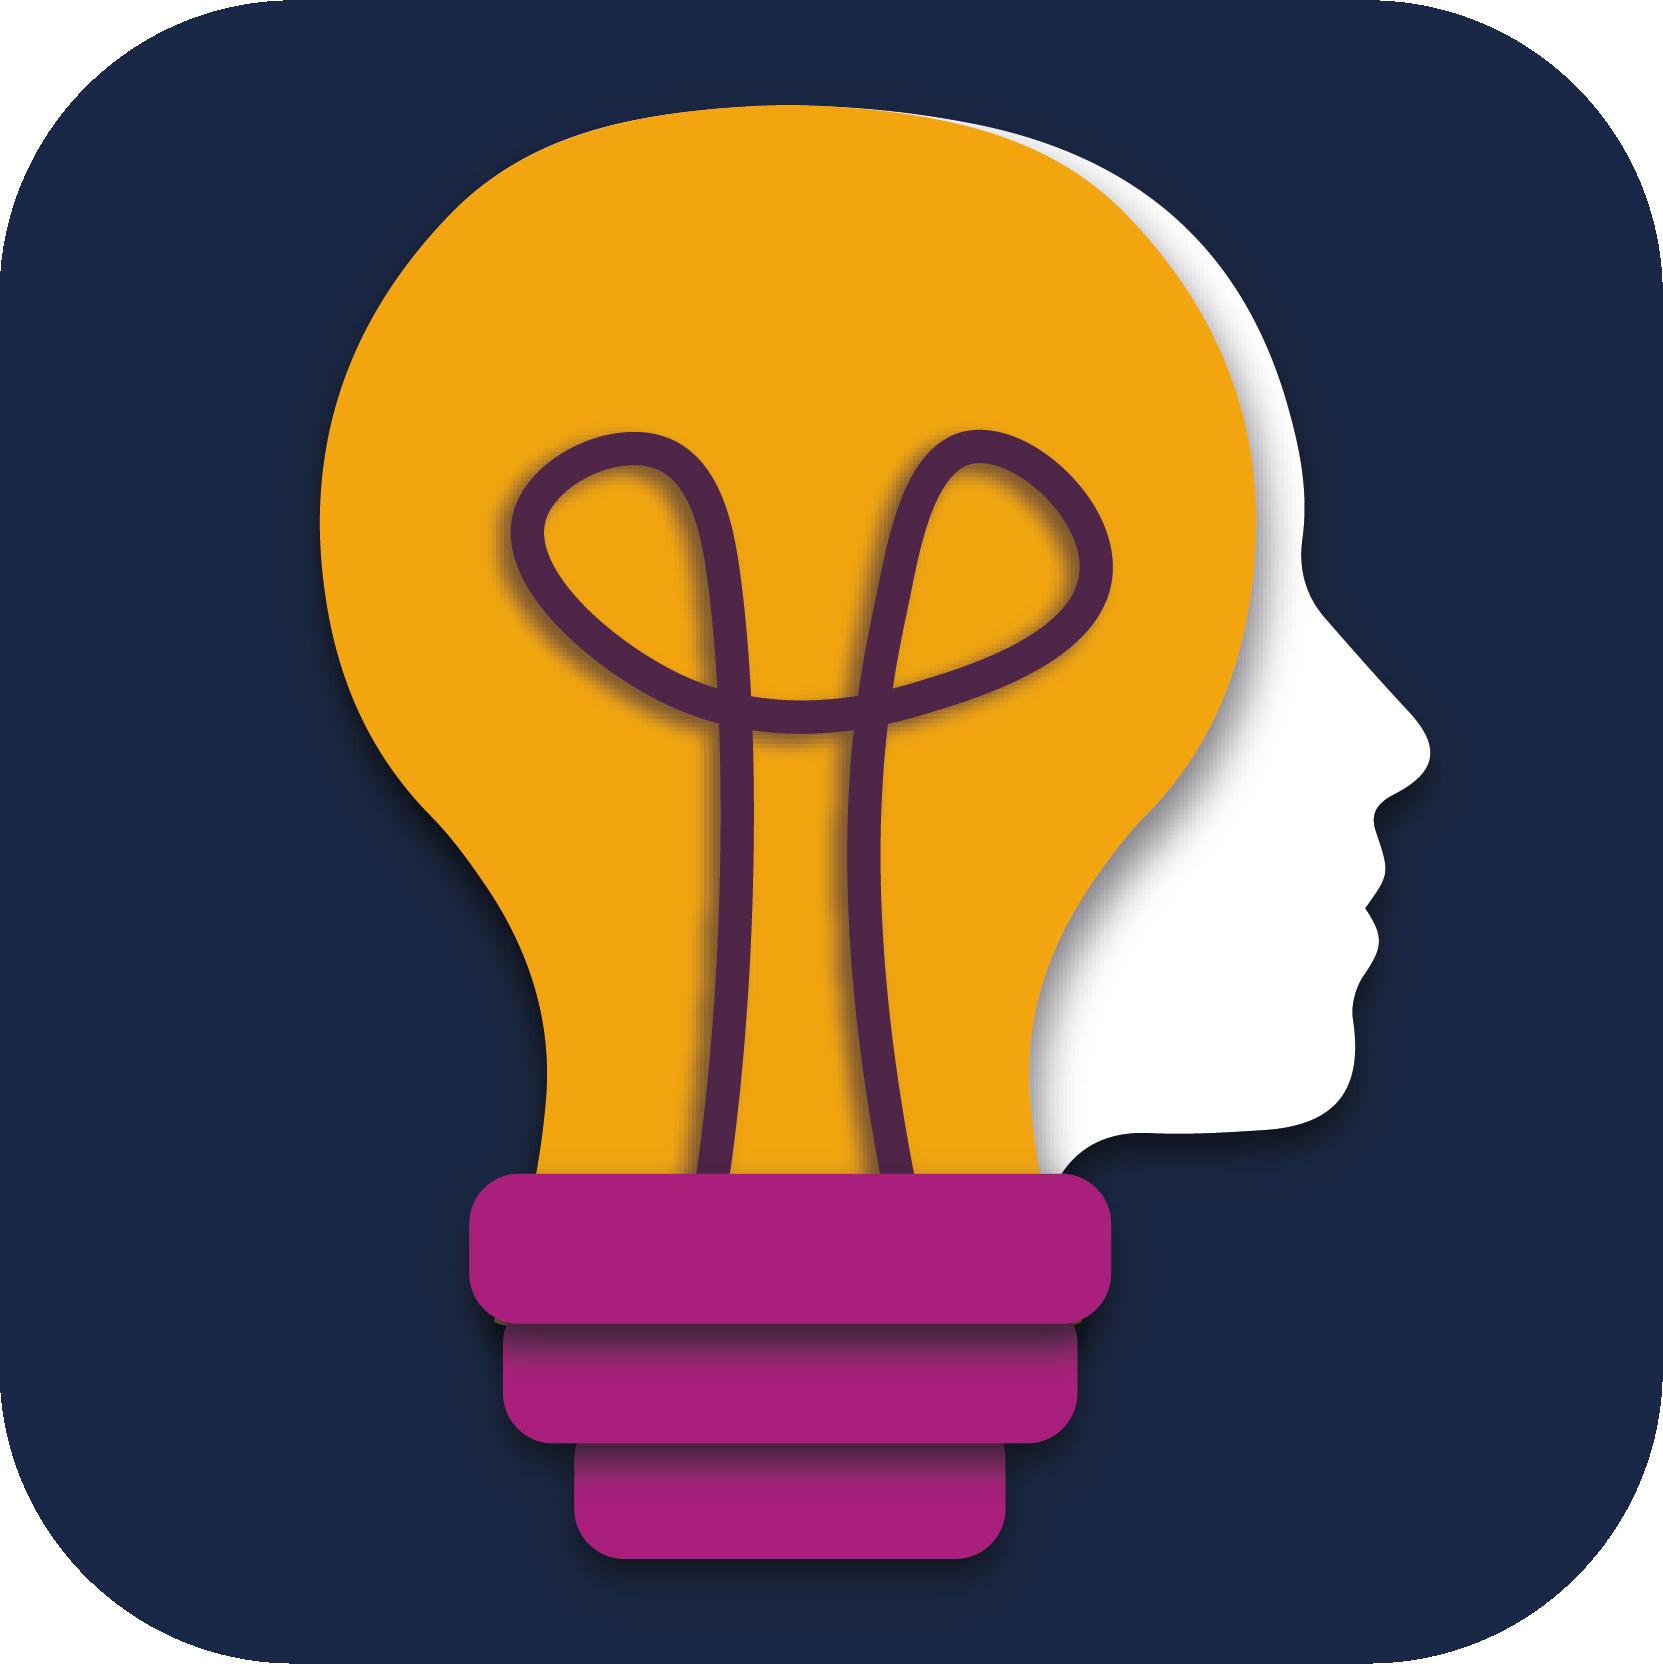 Masterarbeit_App-Ico